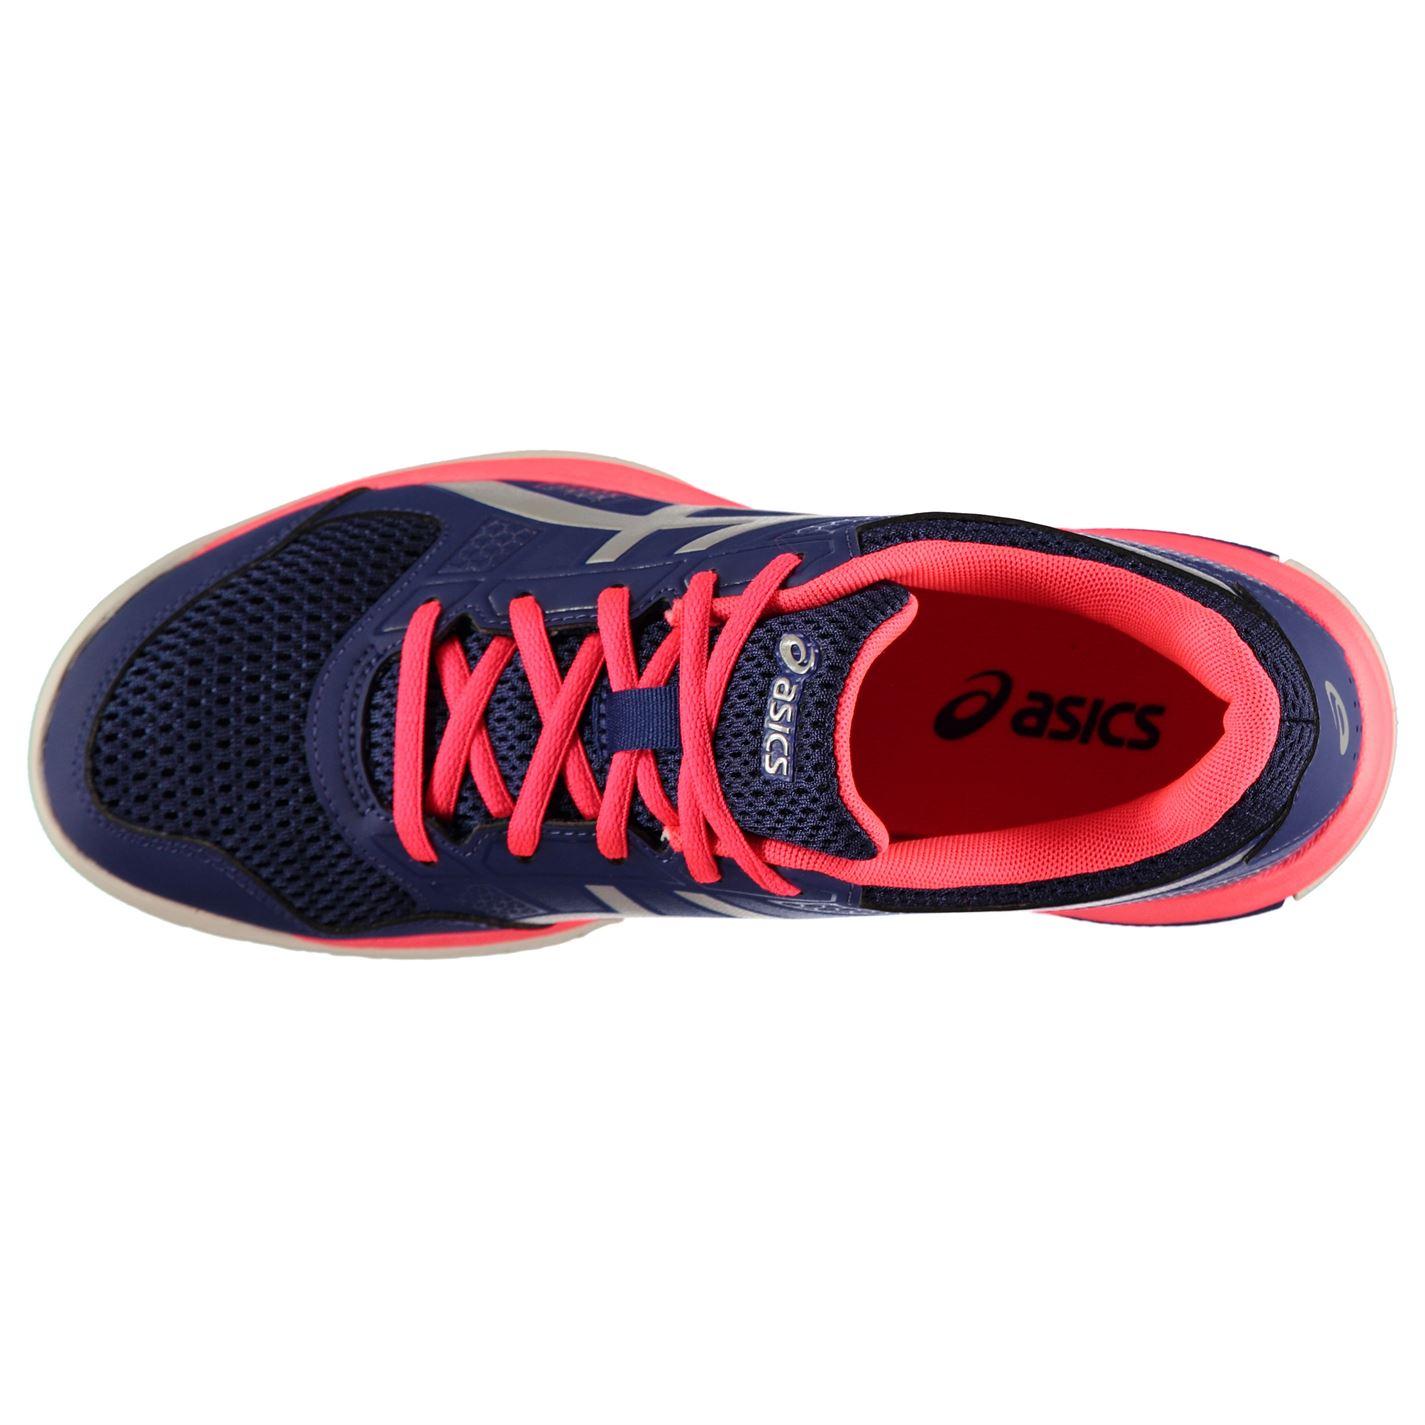 voleibol con rosa de Rocket mujer Zapatillas de 8 acolchado Púrpura Zapatillas Asics Gel Cordones para cierre tobillo qg144B